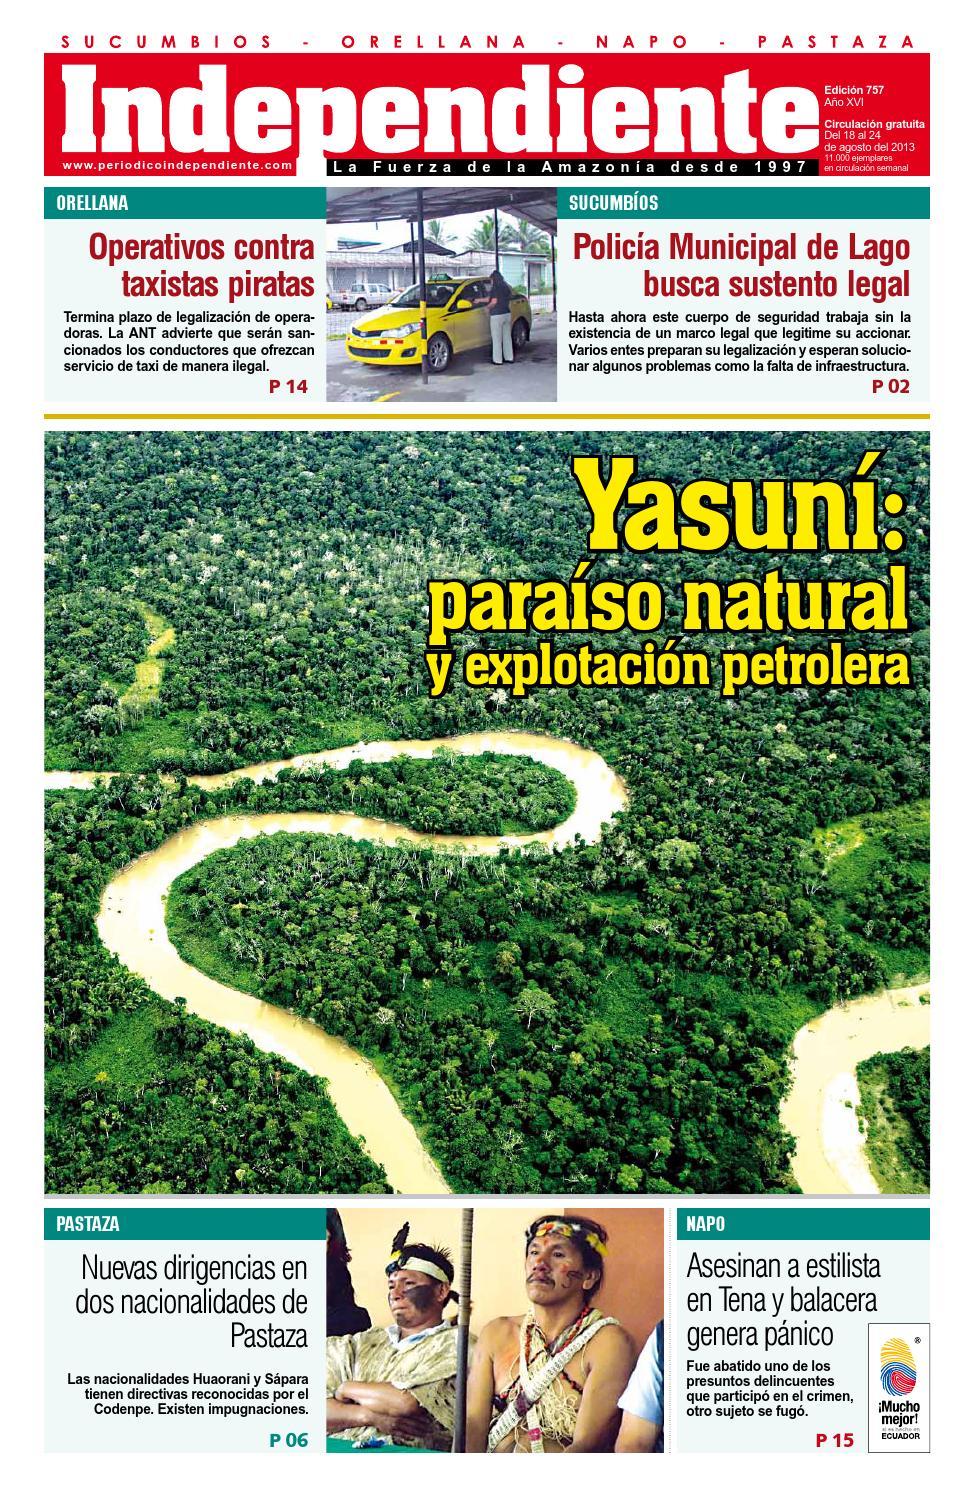 Edicion 757 by semanario - issuu